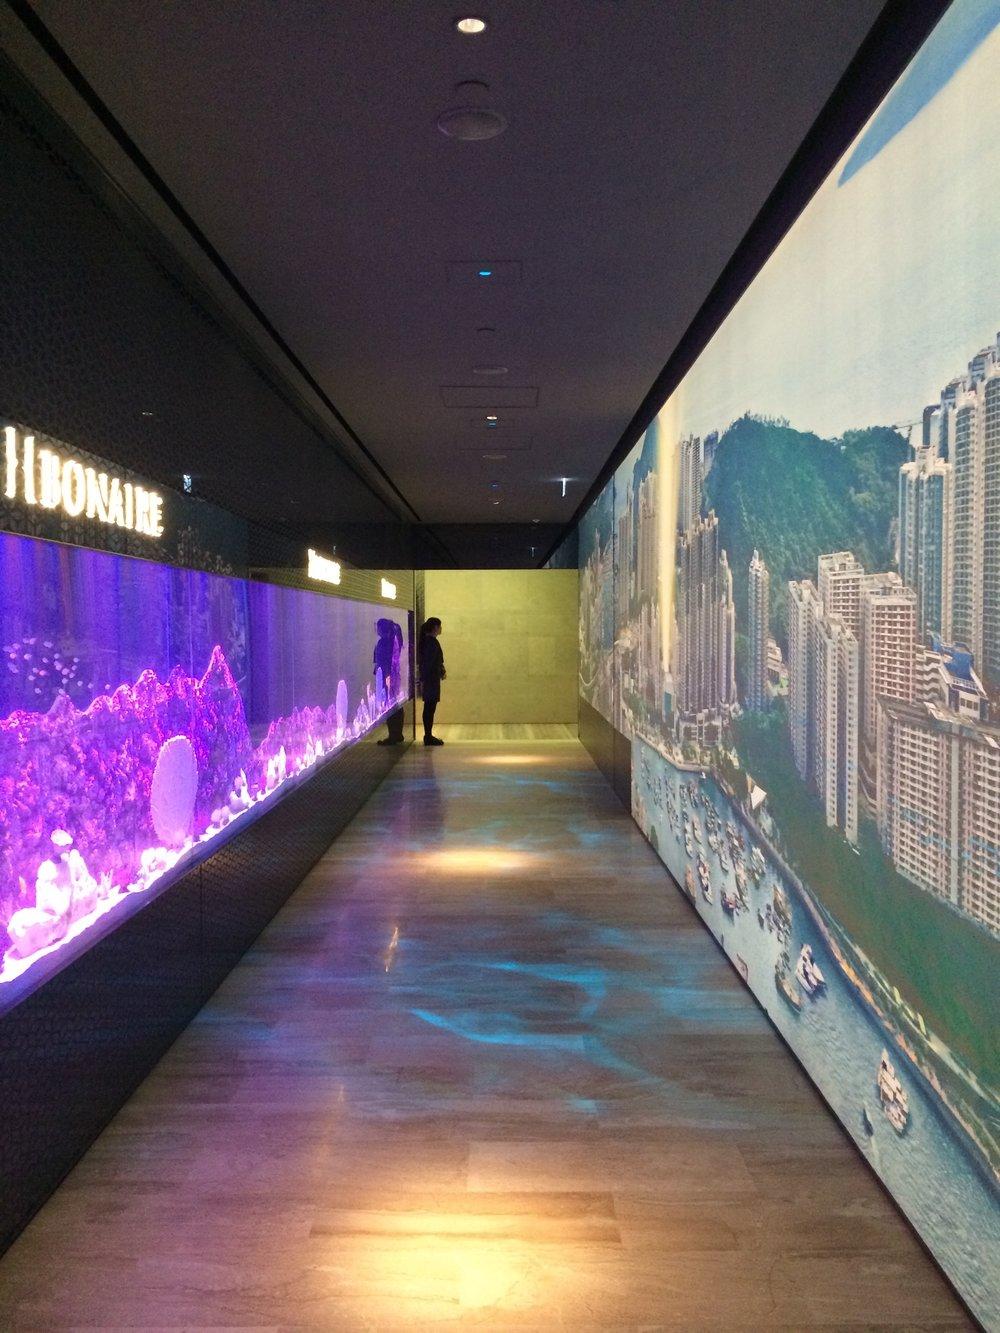 SHOW FLAT, SALES OFFICE, HENDERSON LAND @ IFC, HONG KONG